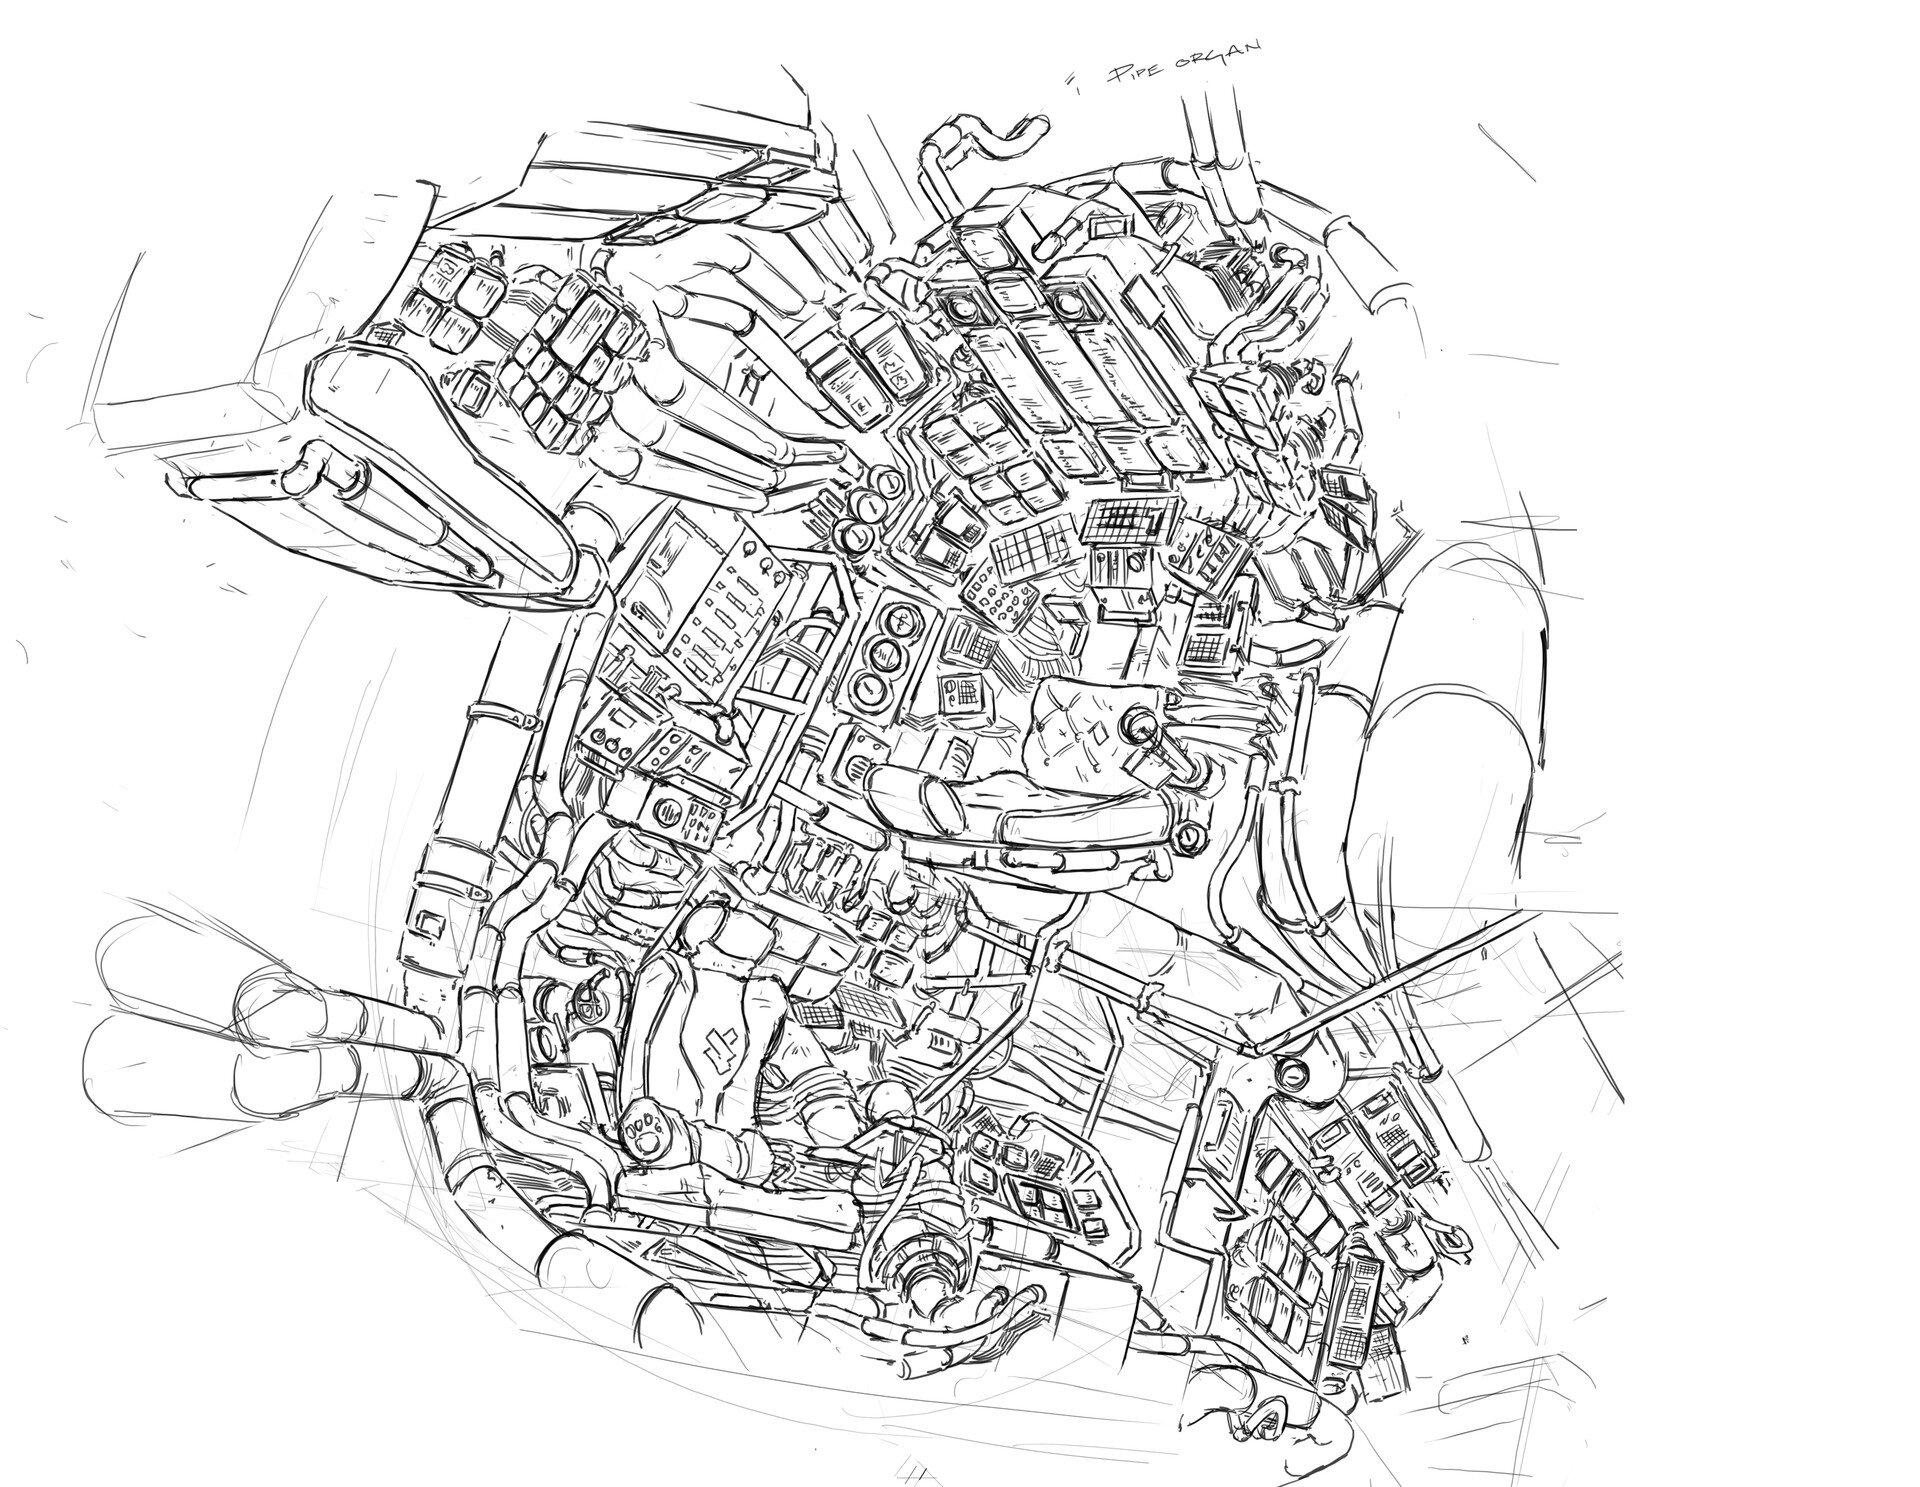 charles-lin-leviathan-design-notes-2-set-3.jpg